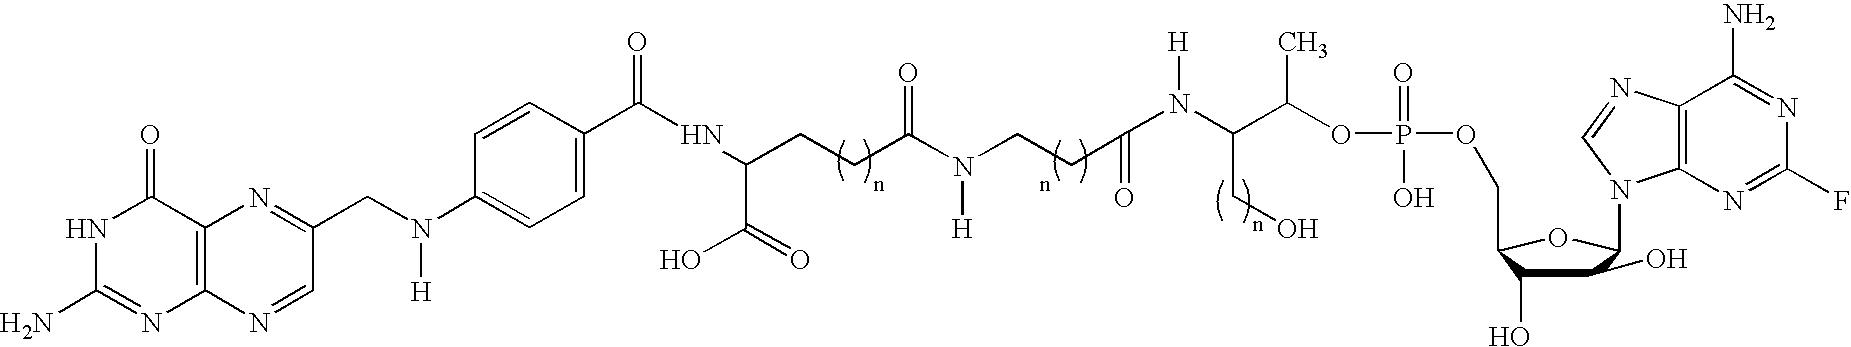 Figure US07858625-20101228-C00023